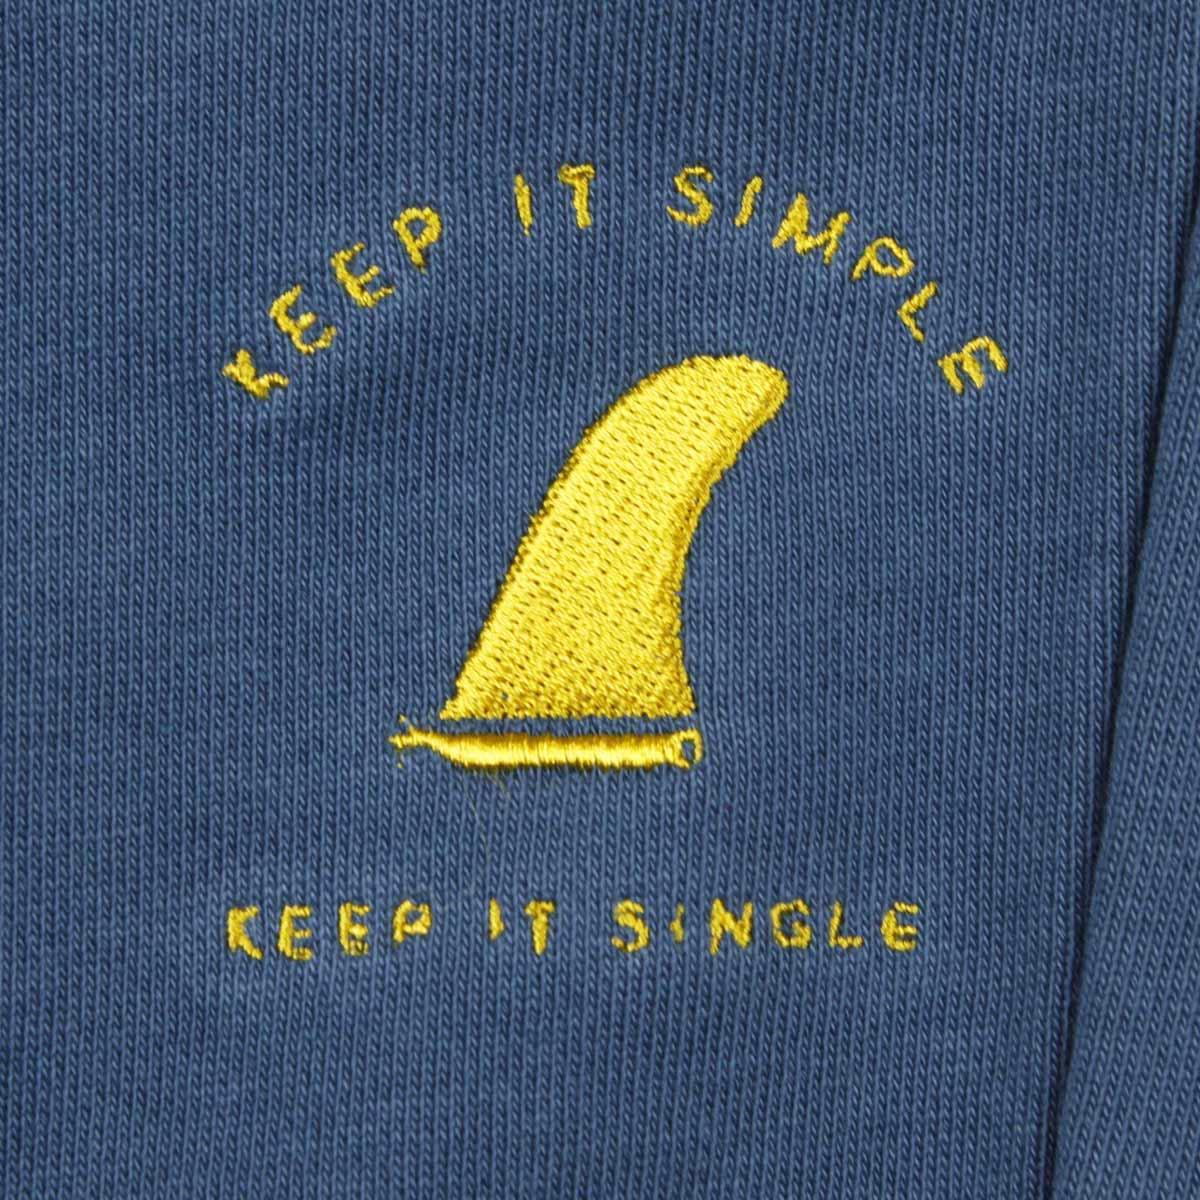 Almond Surf アーモンドサーフボードデザイン KEEP IT SIMPLE